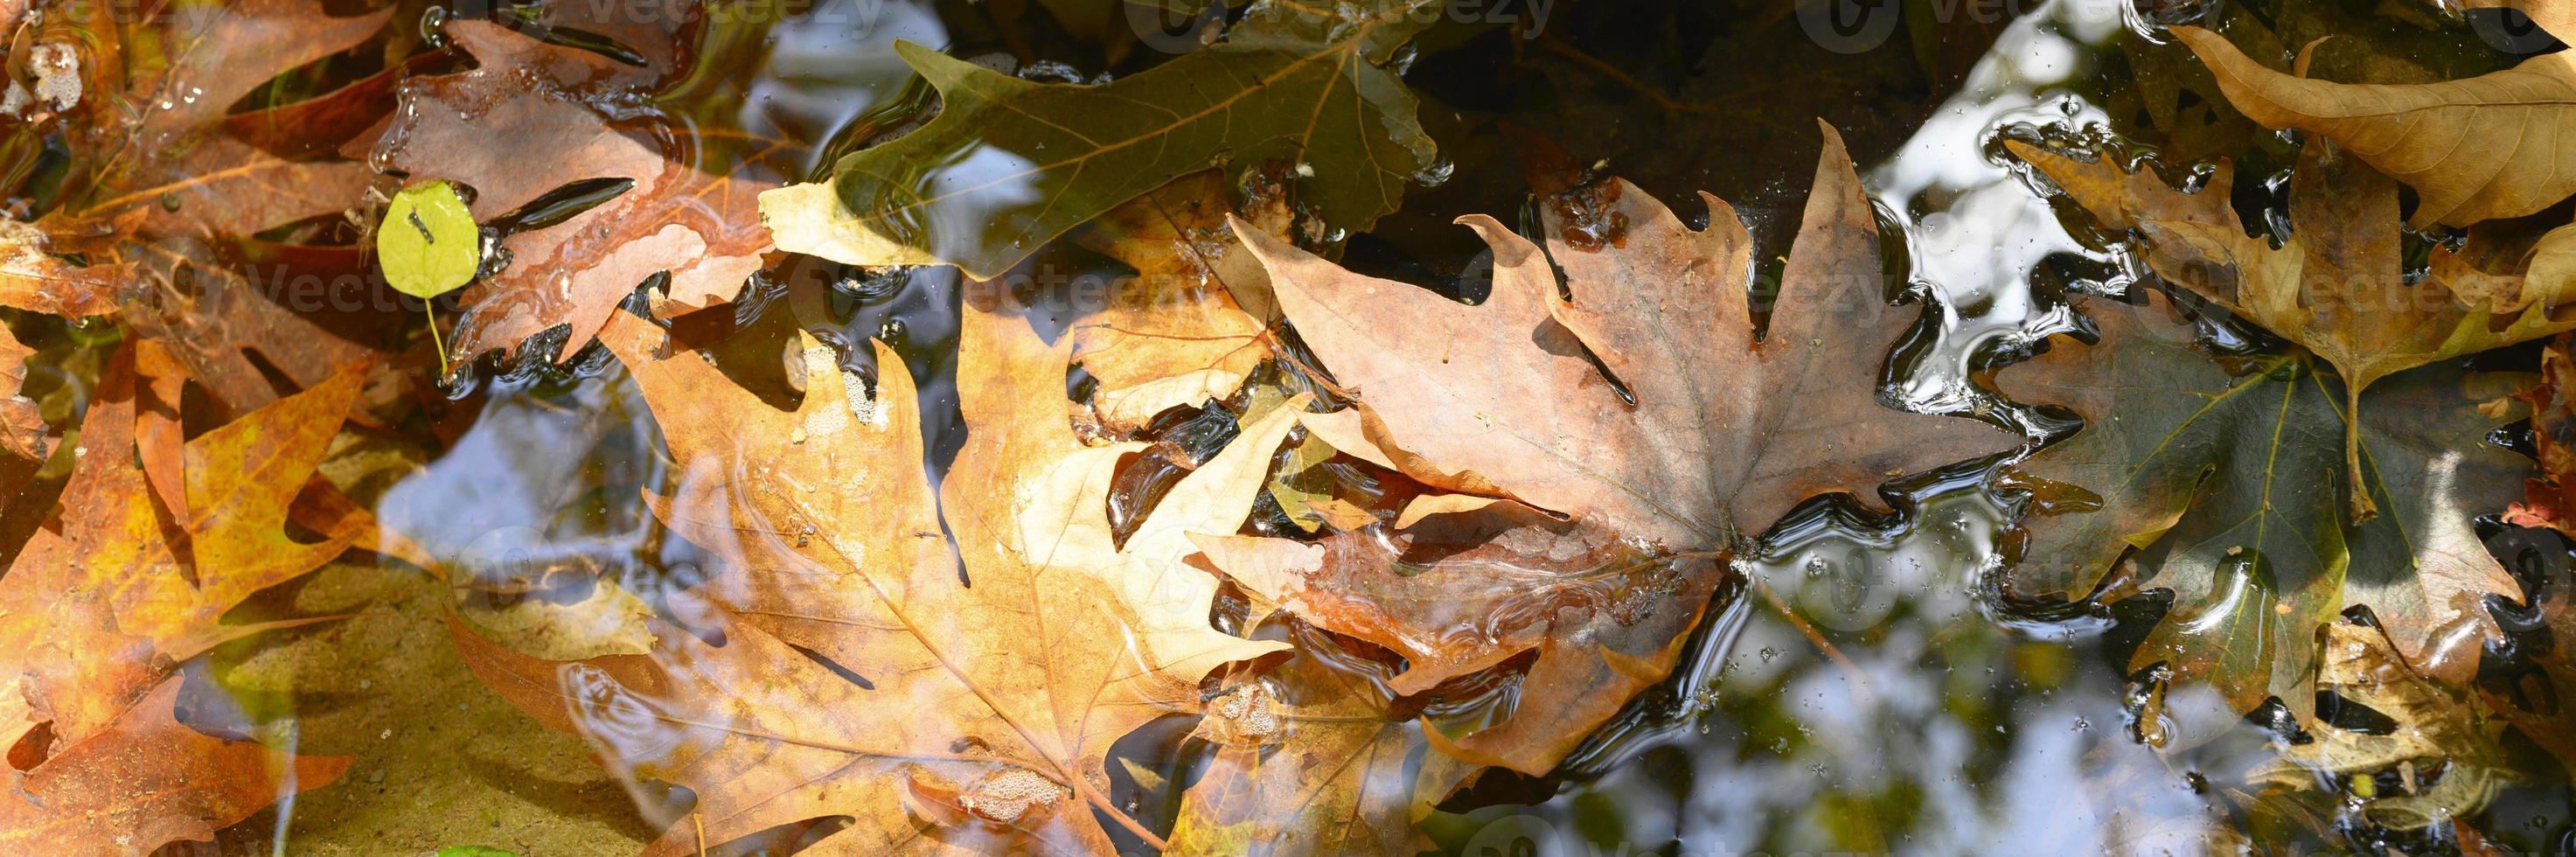 mucchio di foglie di acero autunno cadute bagnate in acqua e rocce foto